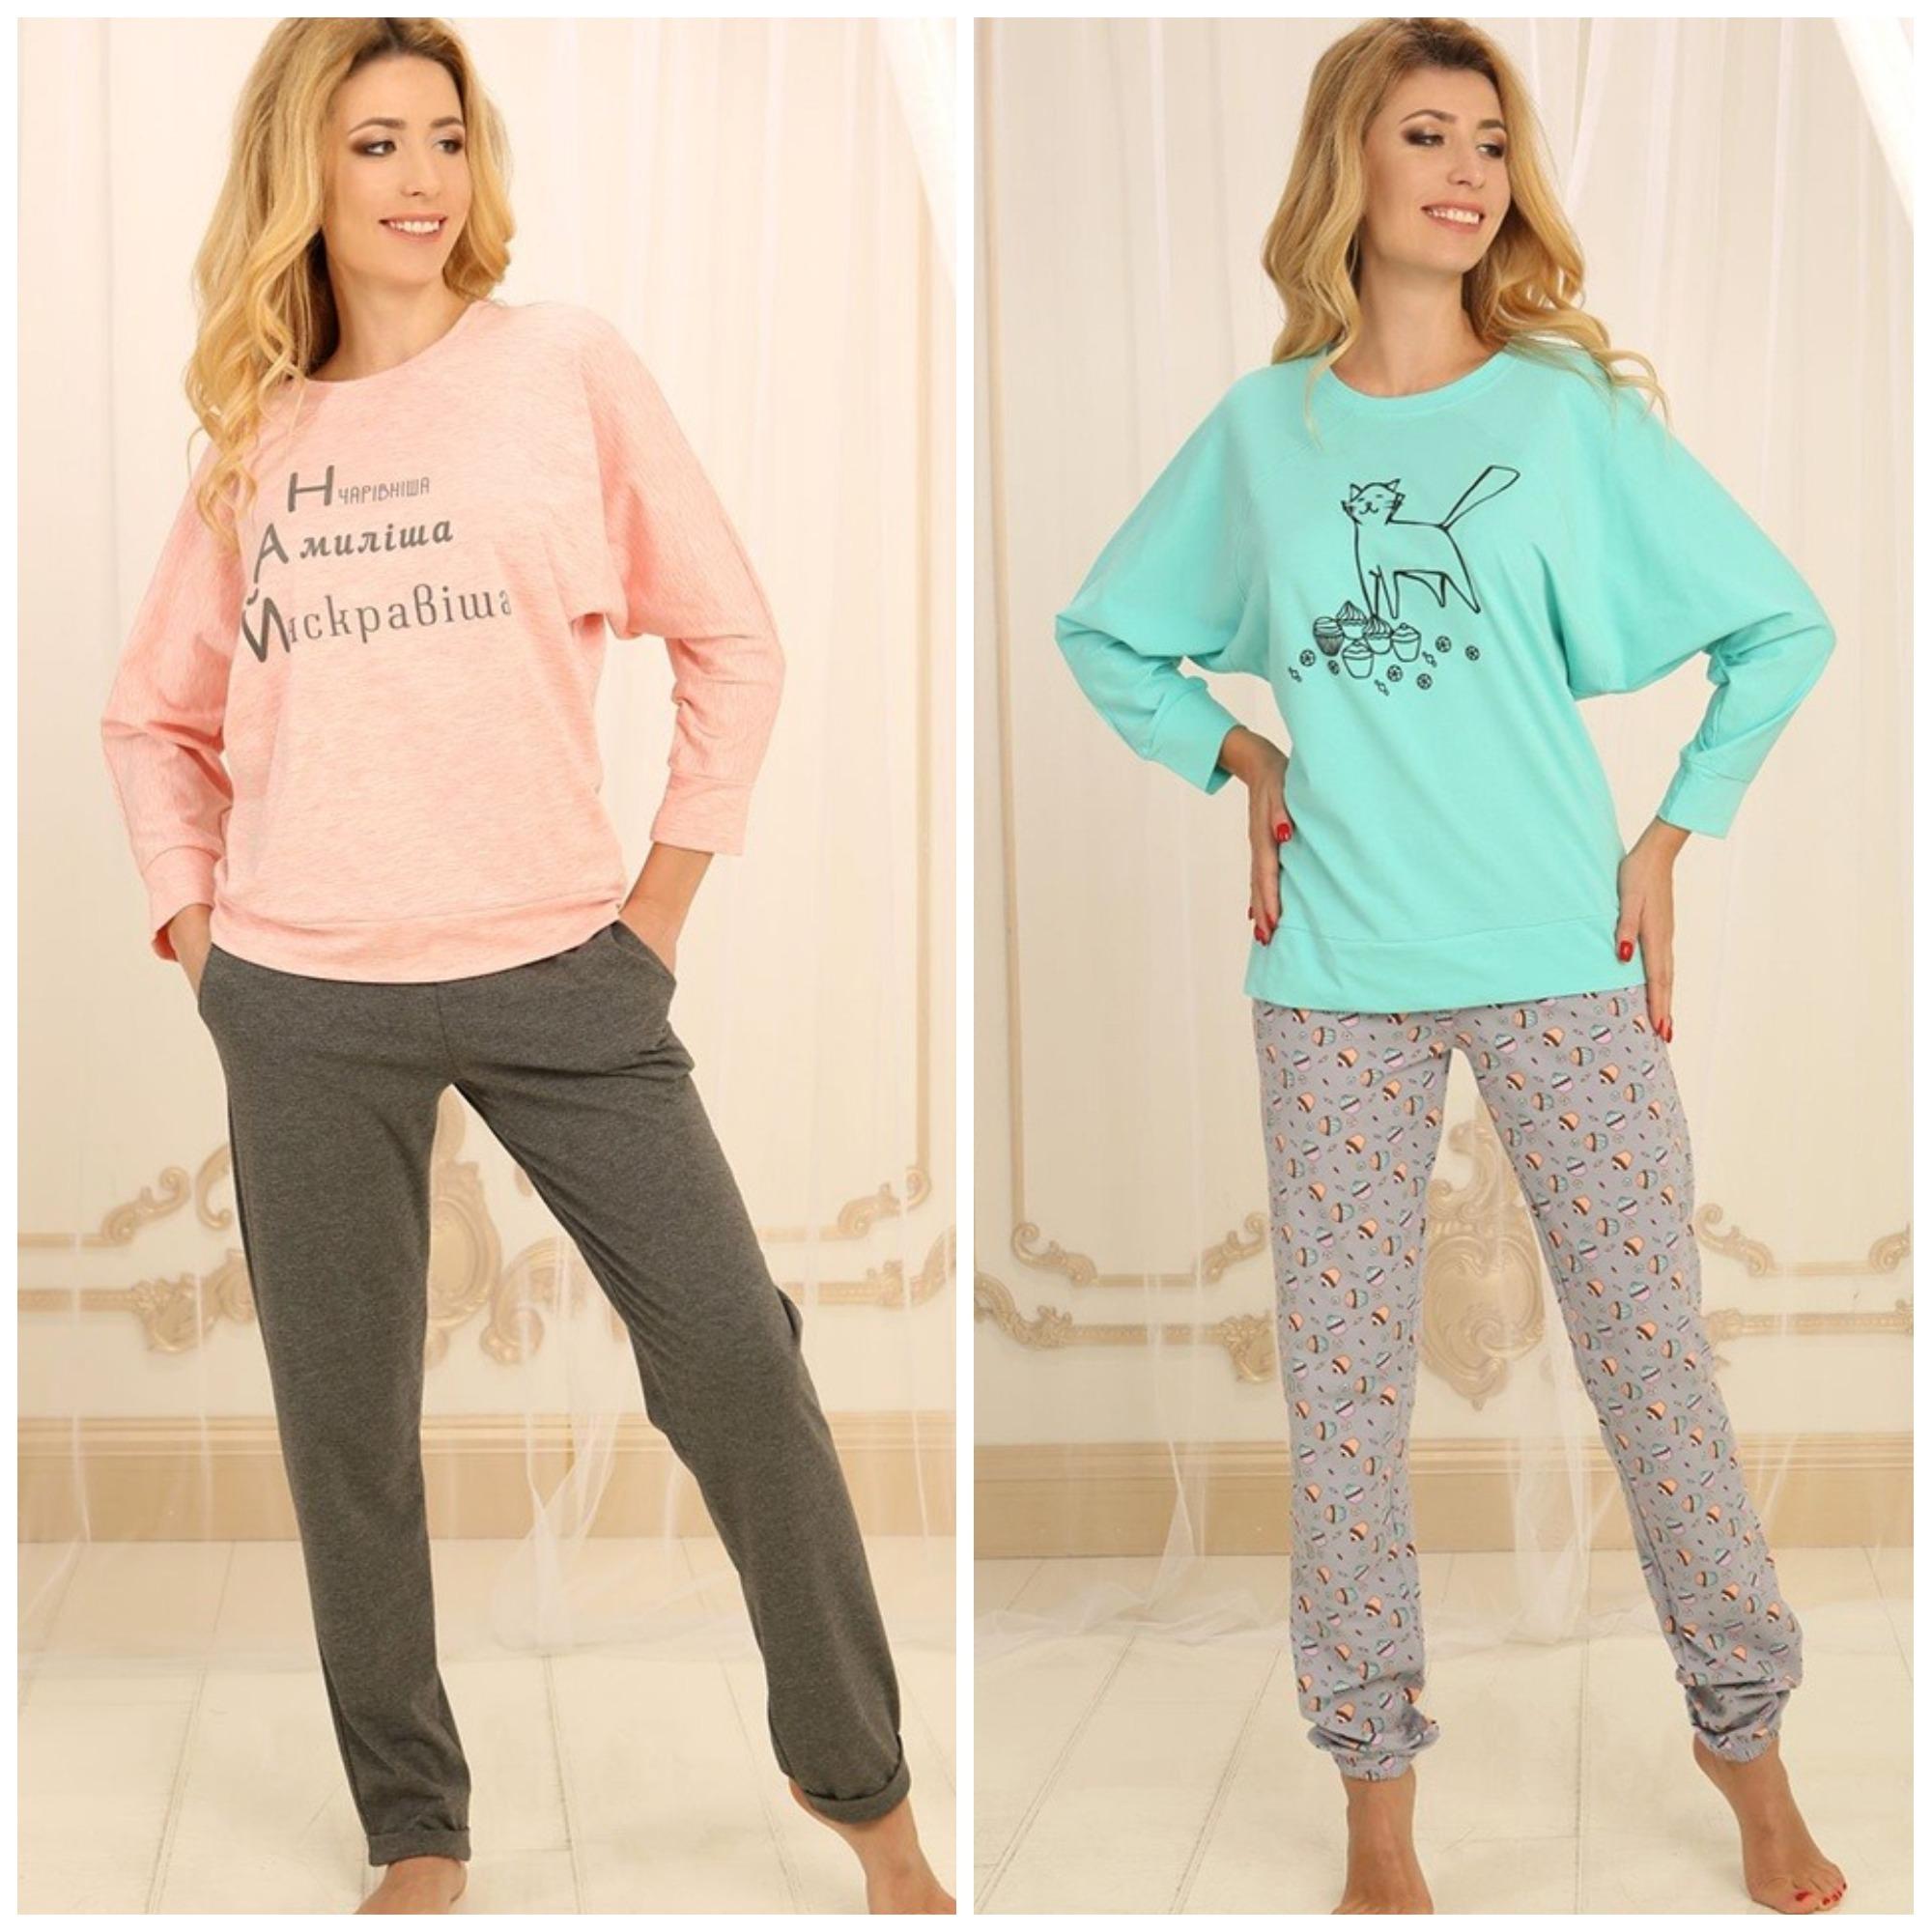 Женская одежда для дома Violet delux купить